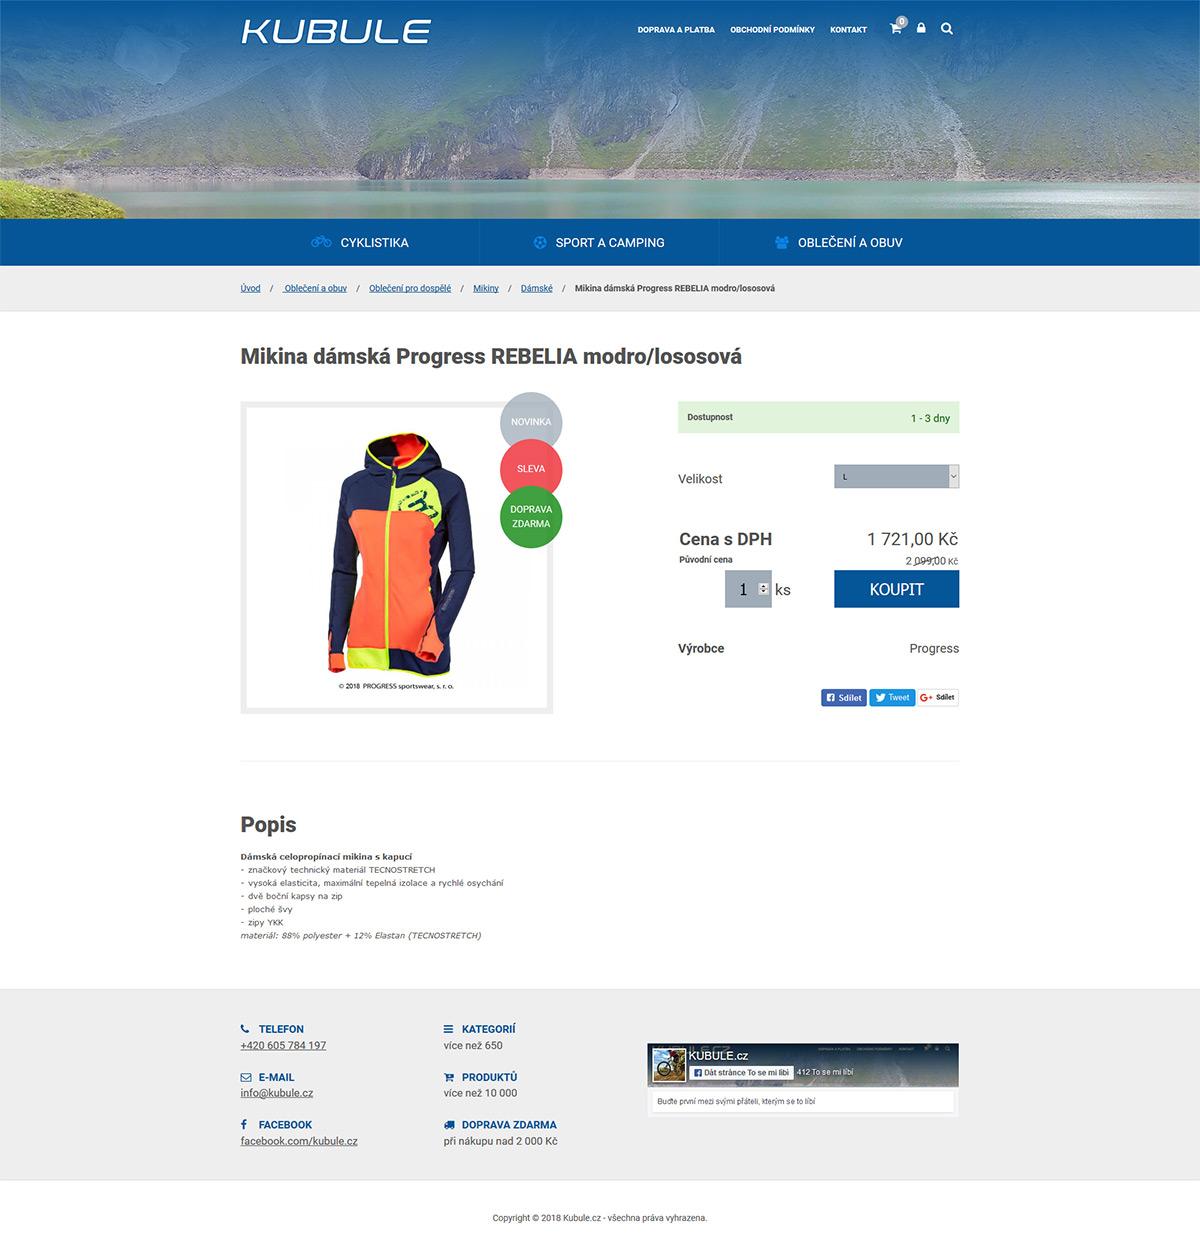 Vývoj internetového obchodu s outdoorovým vybavením